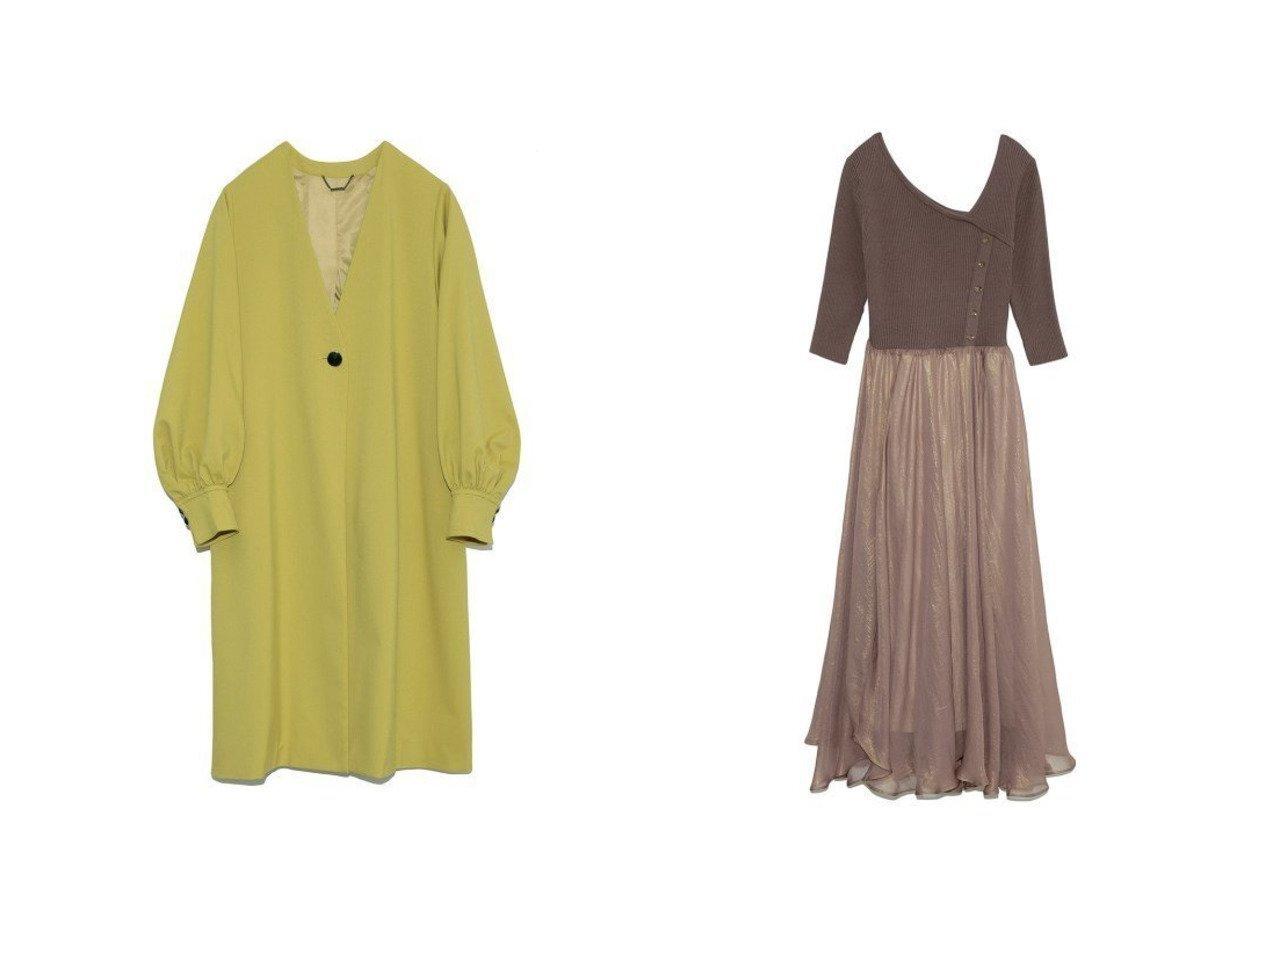 【Lily Brown/リリーブラウン】のボリュームスリーブAラインコート&ニット布帛ドッキングワンピース リリーブラウンのおすすめ!人気、トレンド・レディースファッションの通販 おすすめで人気の流行・トレンド、ファッションの通販商品 メンズファッション・キッズファッション・インテリア・家具・レディースファッション・服の通販 founy(ファニー) https://founy.com/ ファッション Fashion レディースファッション WOMEN アウター Coat Outerwear コート Coats ジャケット Jackets ノーカラージャケット No Collar Leather Jackets Aラインコート A-Line Coats ワンピース Dress イエロー クラシカル ジャケット スマート スリーブ バルーン フロント ベーシック ロング 再入荷 Restock/Back in Stock/Re Arrival |ID:crp329100000022012